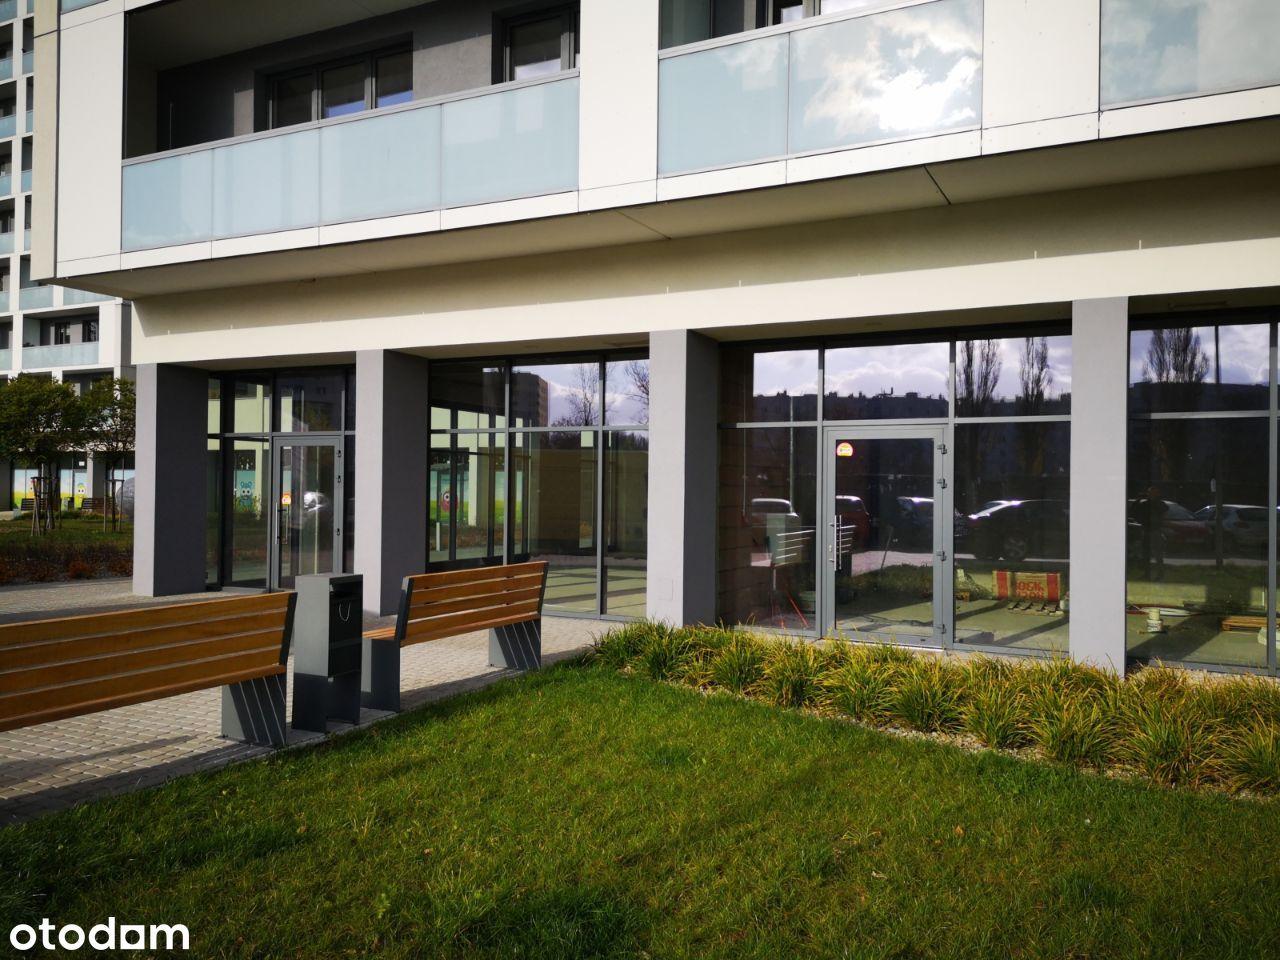 Lokal usługowy z witrynami 75 m2 ul. Fabryczna